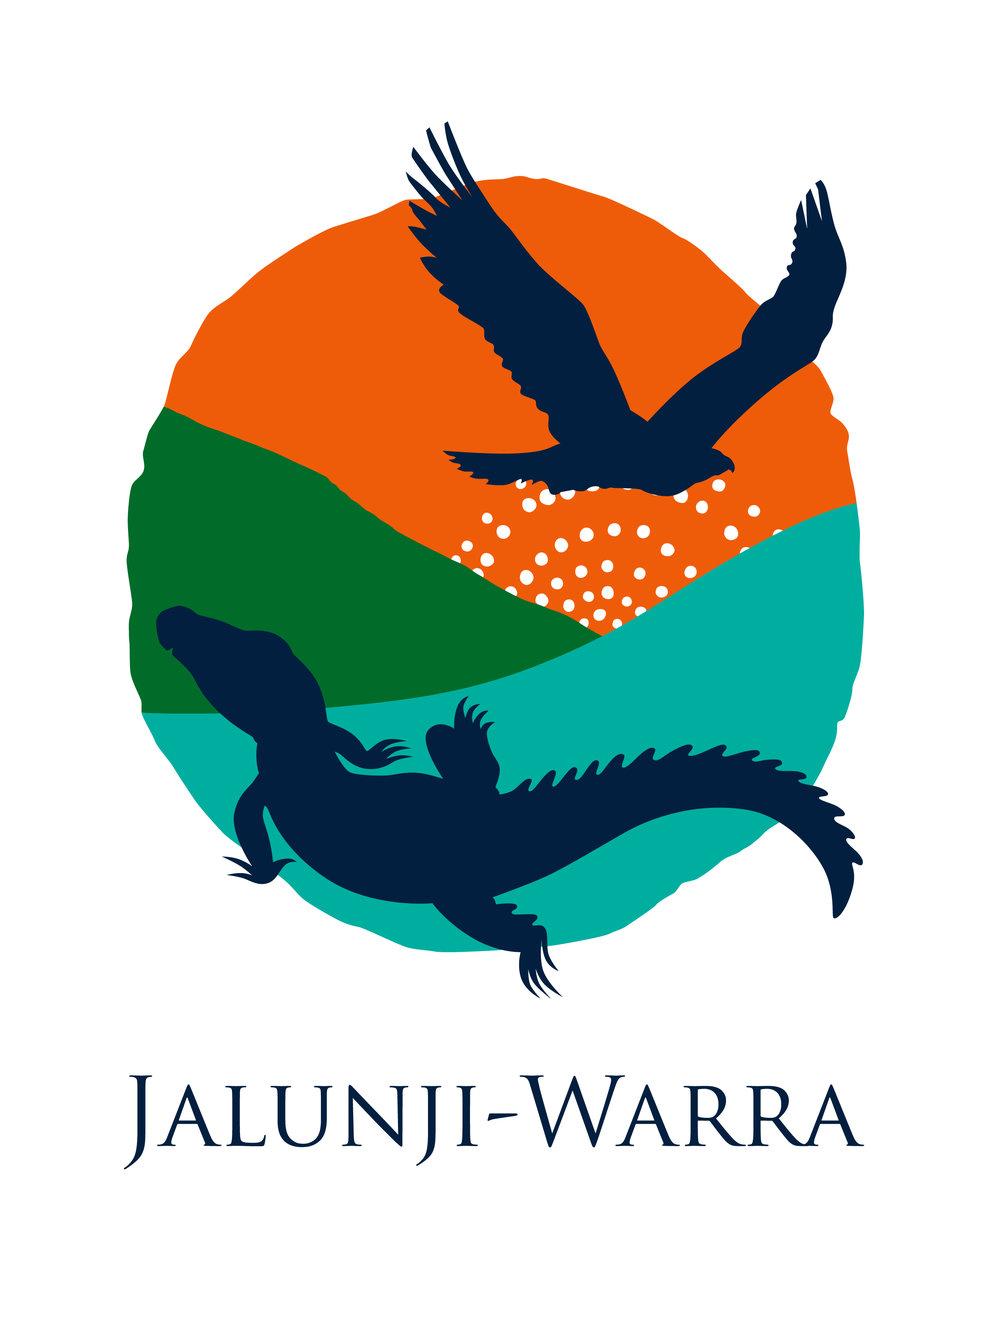 jalunji-warra_v1.jpg